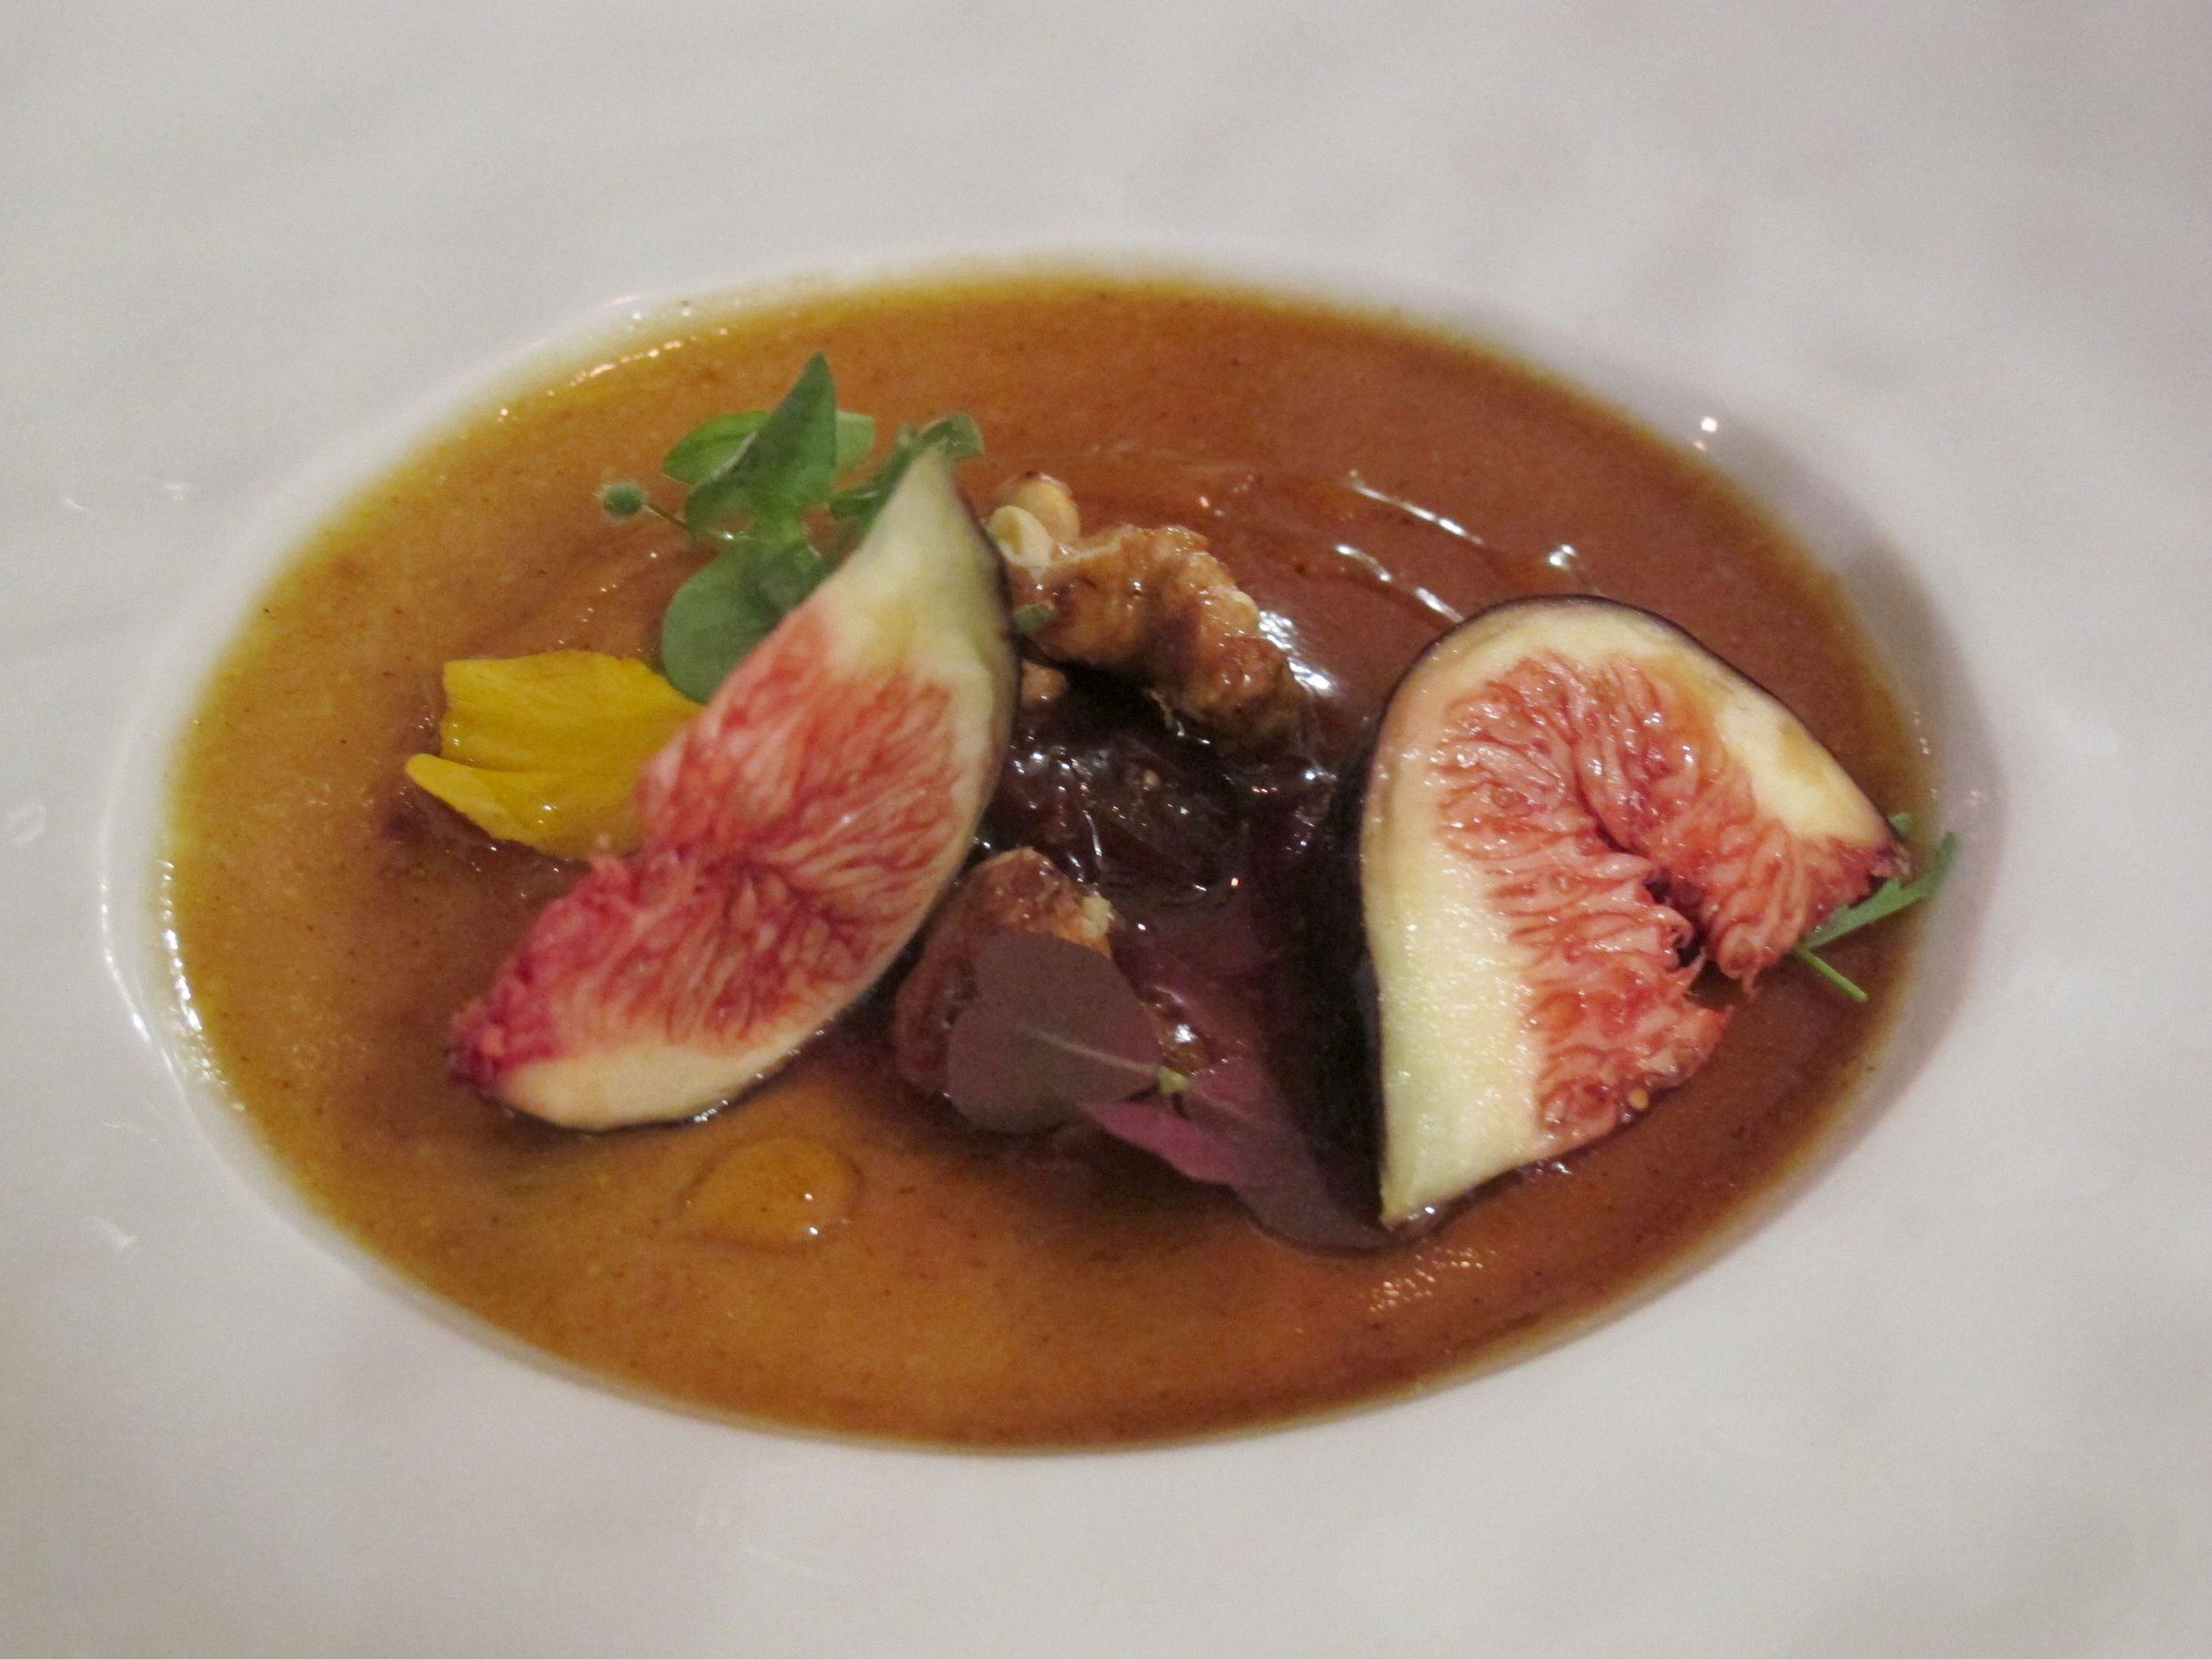 Frenchie's fabulous foie gras royale